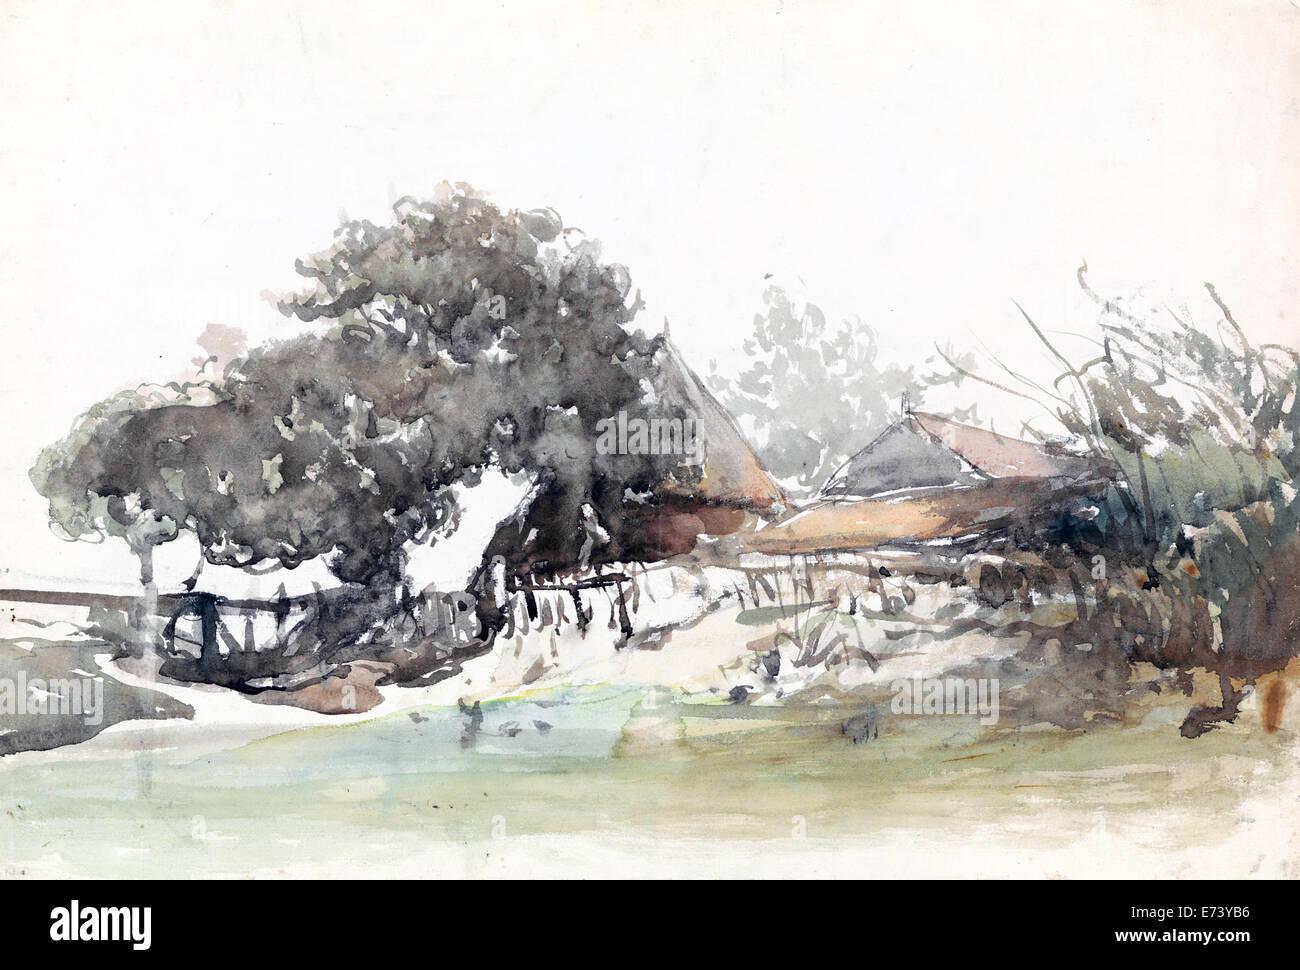 Aziende agricole a Waalsdorp village - acquerello - da Johannes Bosboom, 1827 - 1891 Immagini Stock